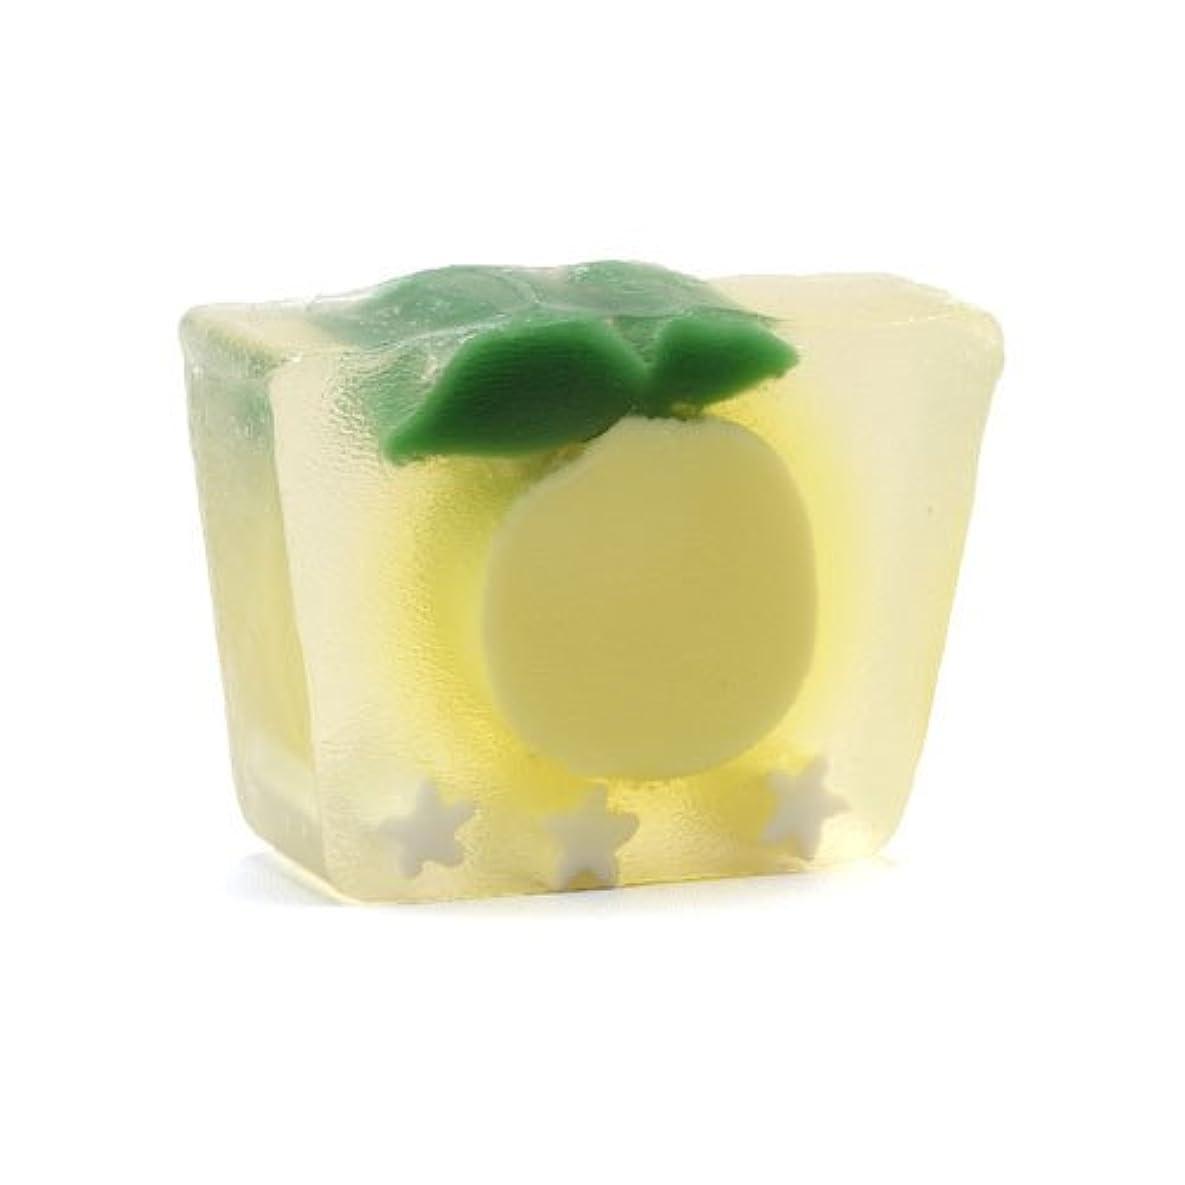 高音家禽オーバーコートプライモールエレメンツ アロマティック ミニソープ カリフォルニアレモン 80g 植物性 ナチュラル 石鹸 無添加